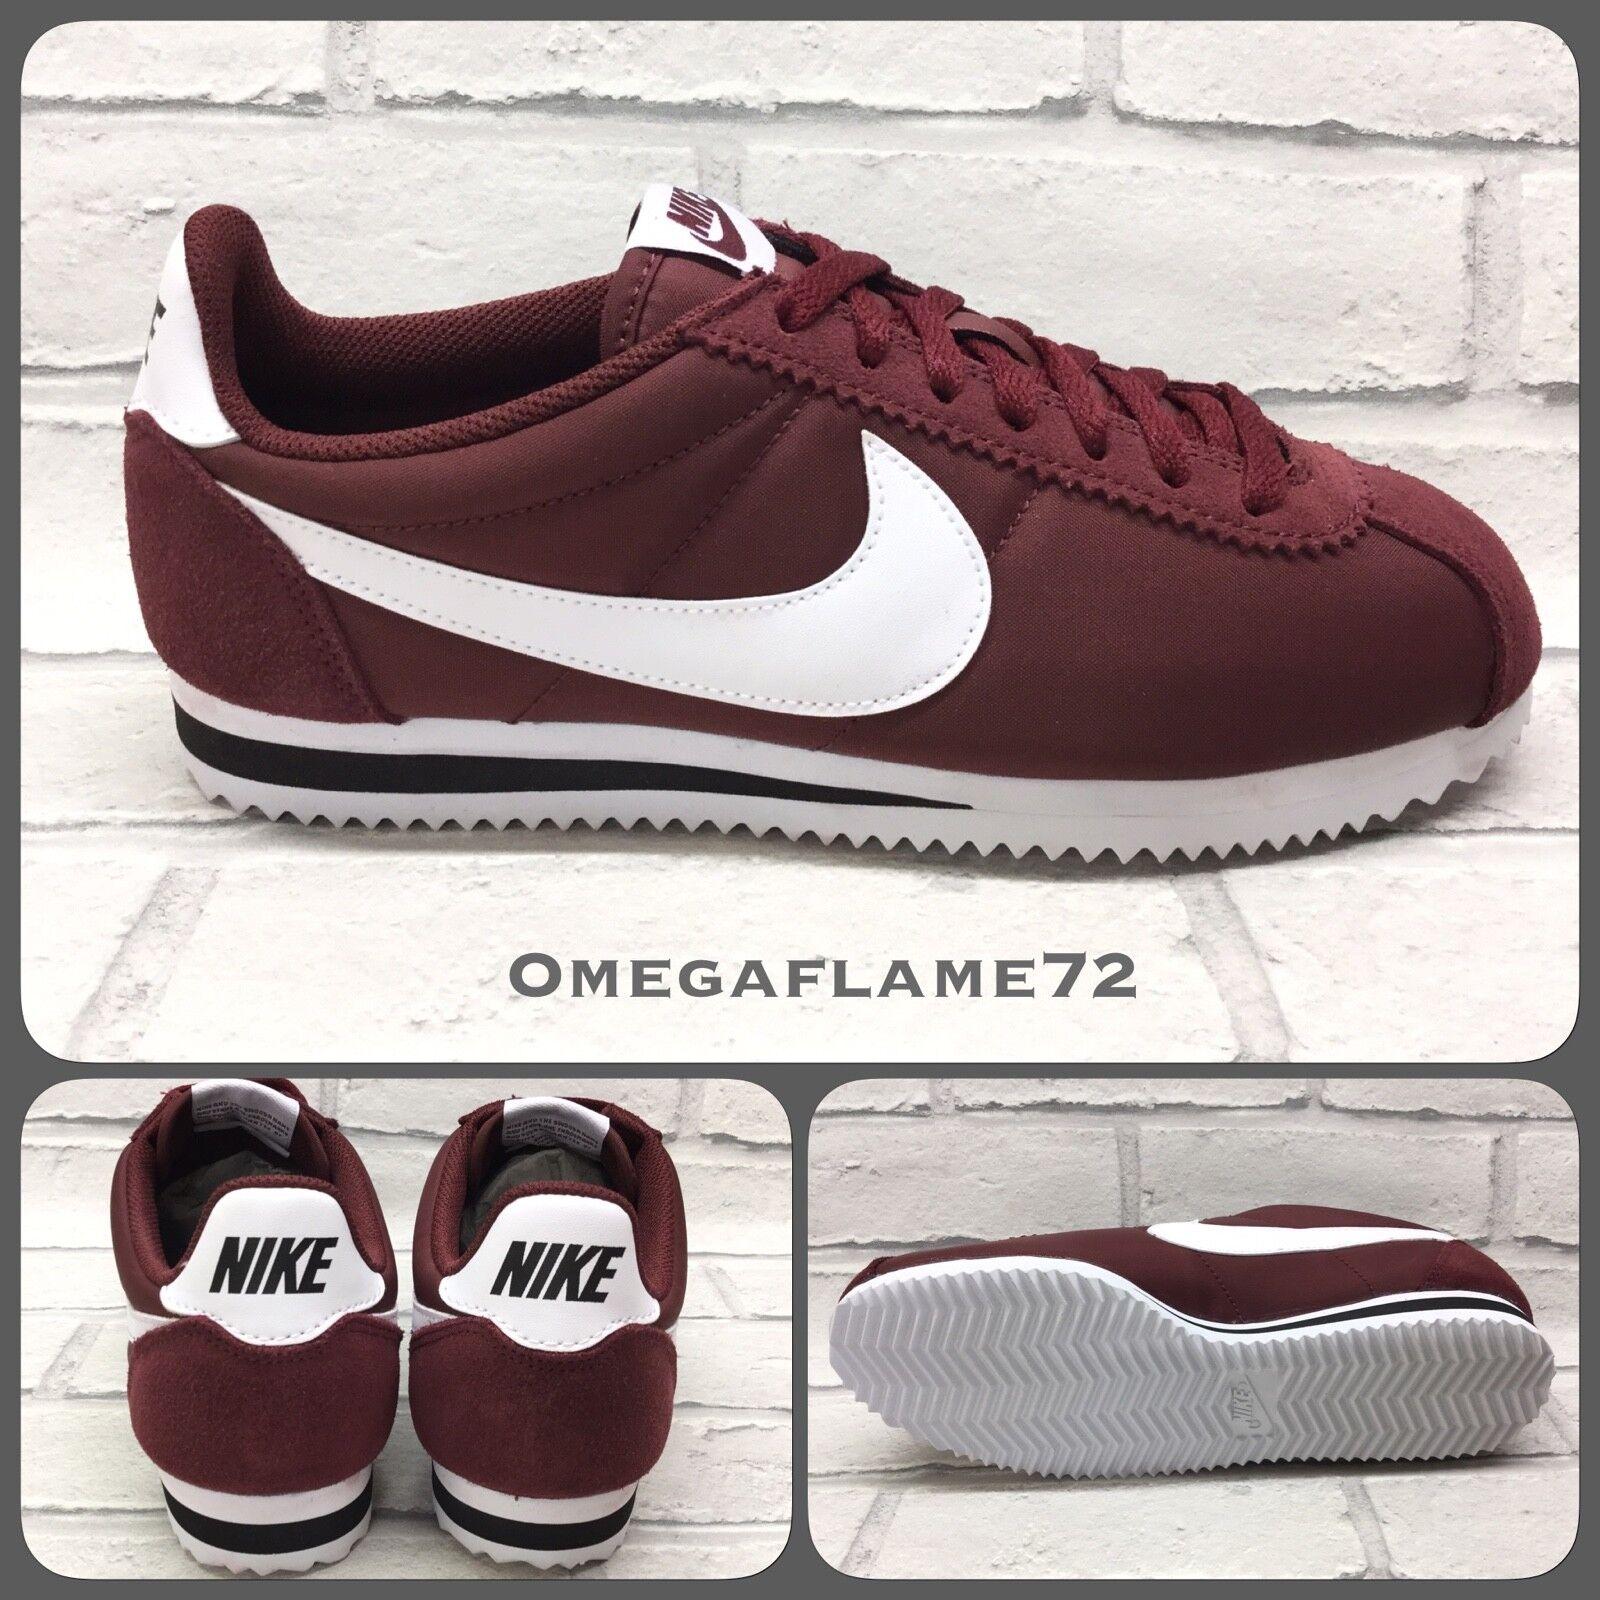 Nike Cortez OG Nylon, bordeaux & blanc 807472-601, UK 5.5, Eu 38.5, US 6